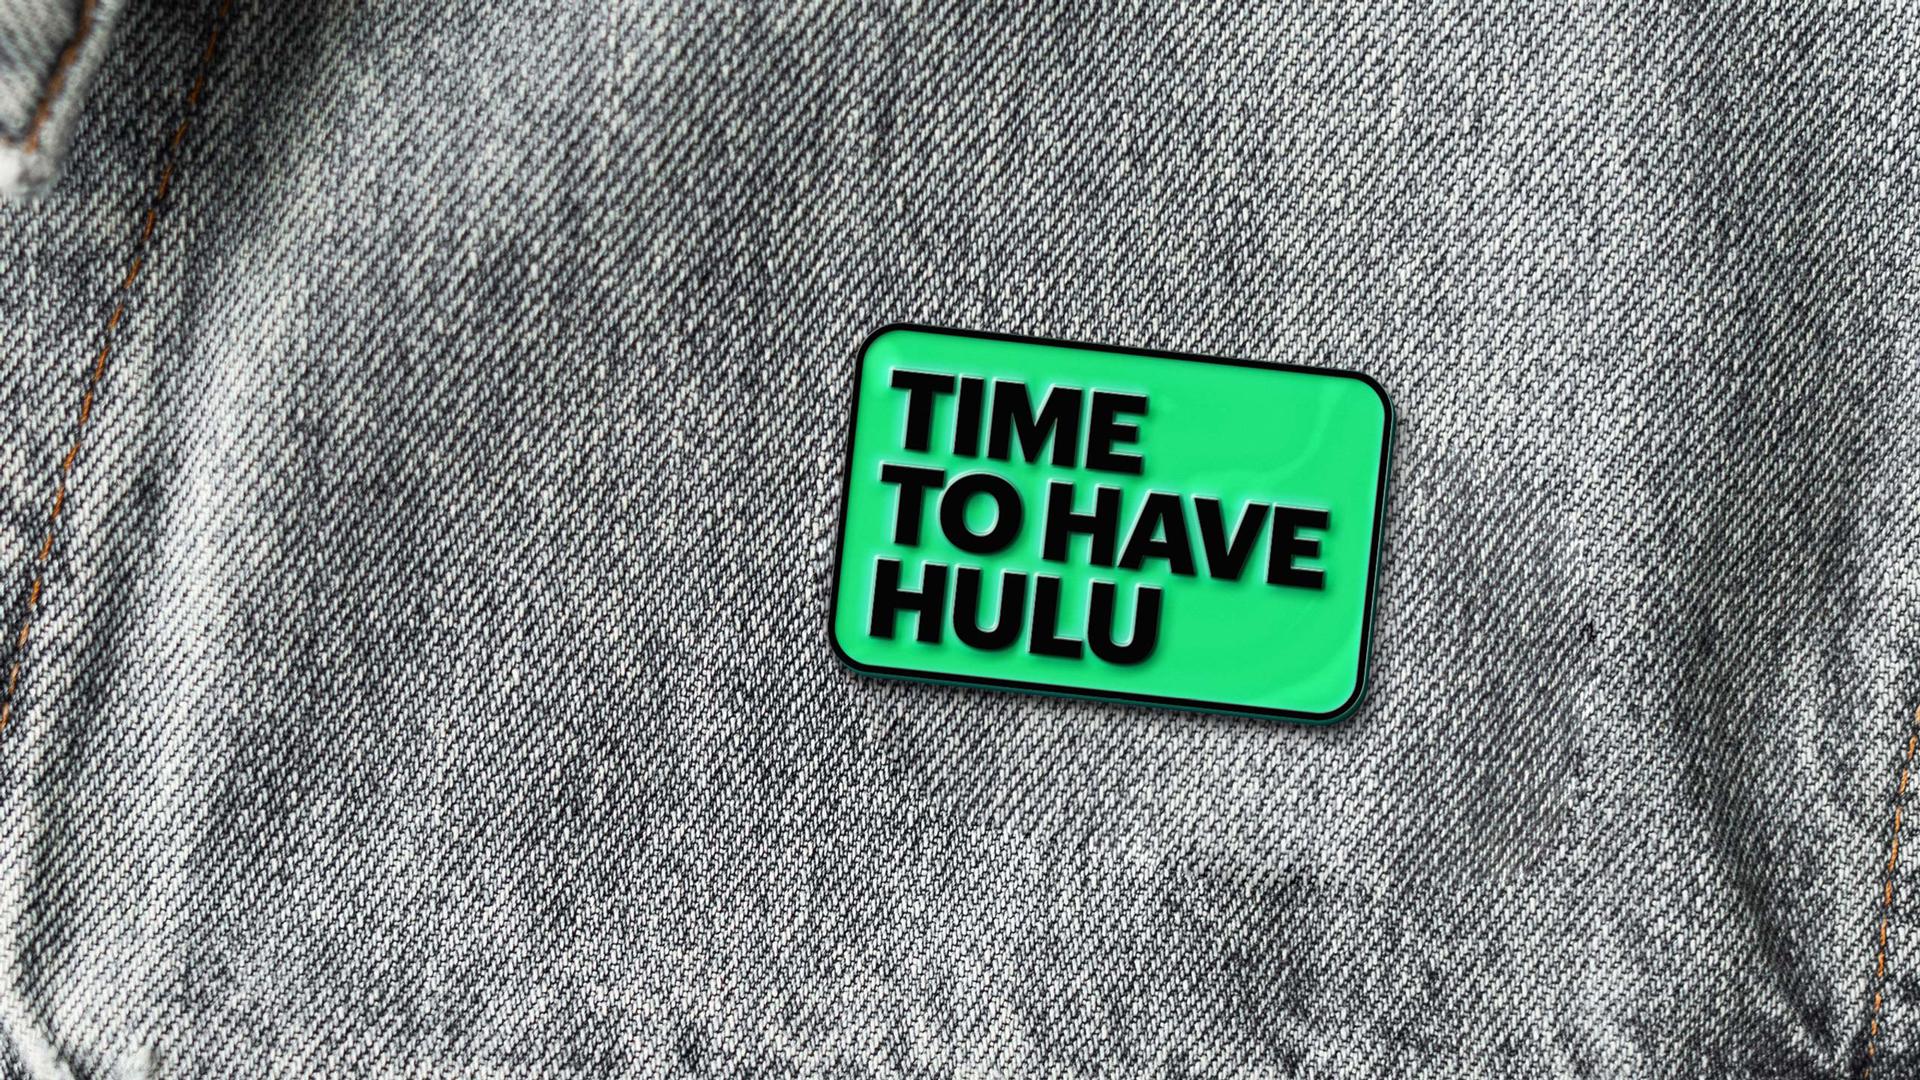 DixonBaxi unifies Hulu's identity in rebrand